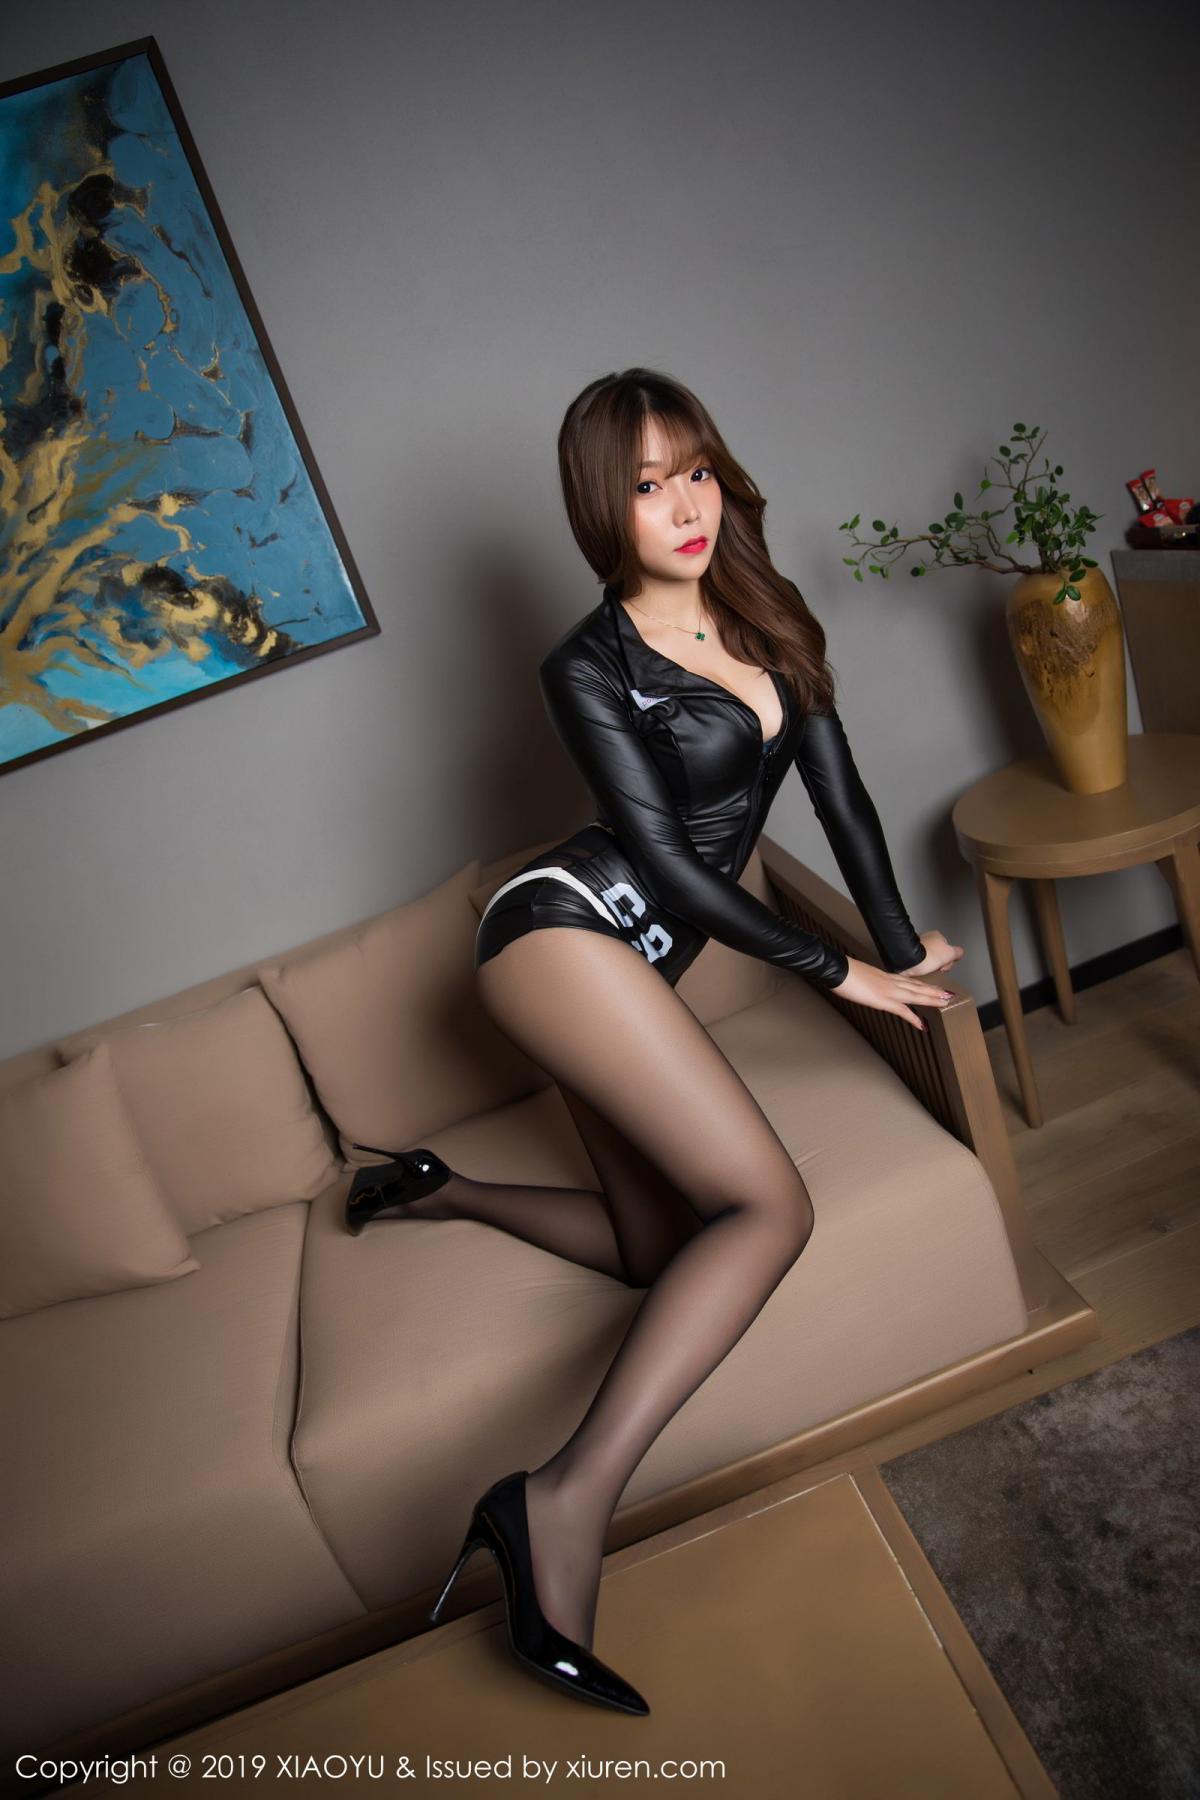 [XiaoYu] Vol.151 Chen Zhi 3P, Adult, Chen Zhi, XiaoYu